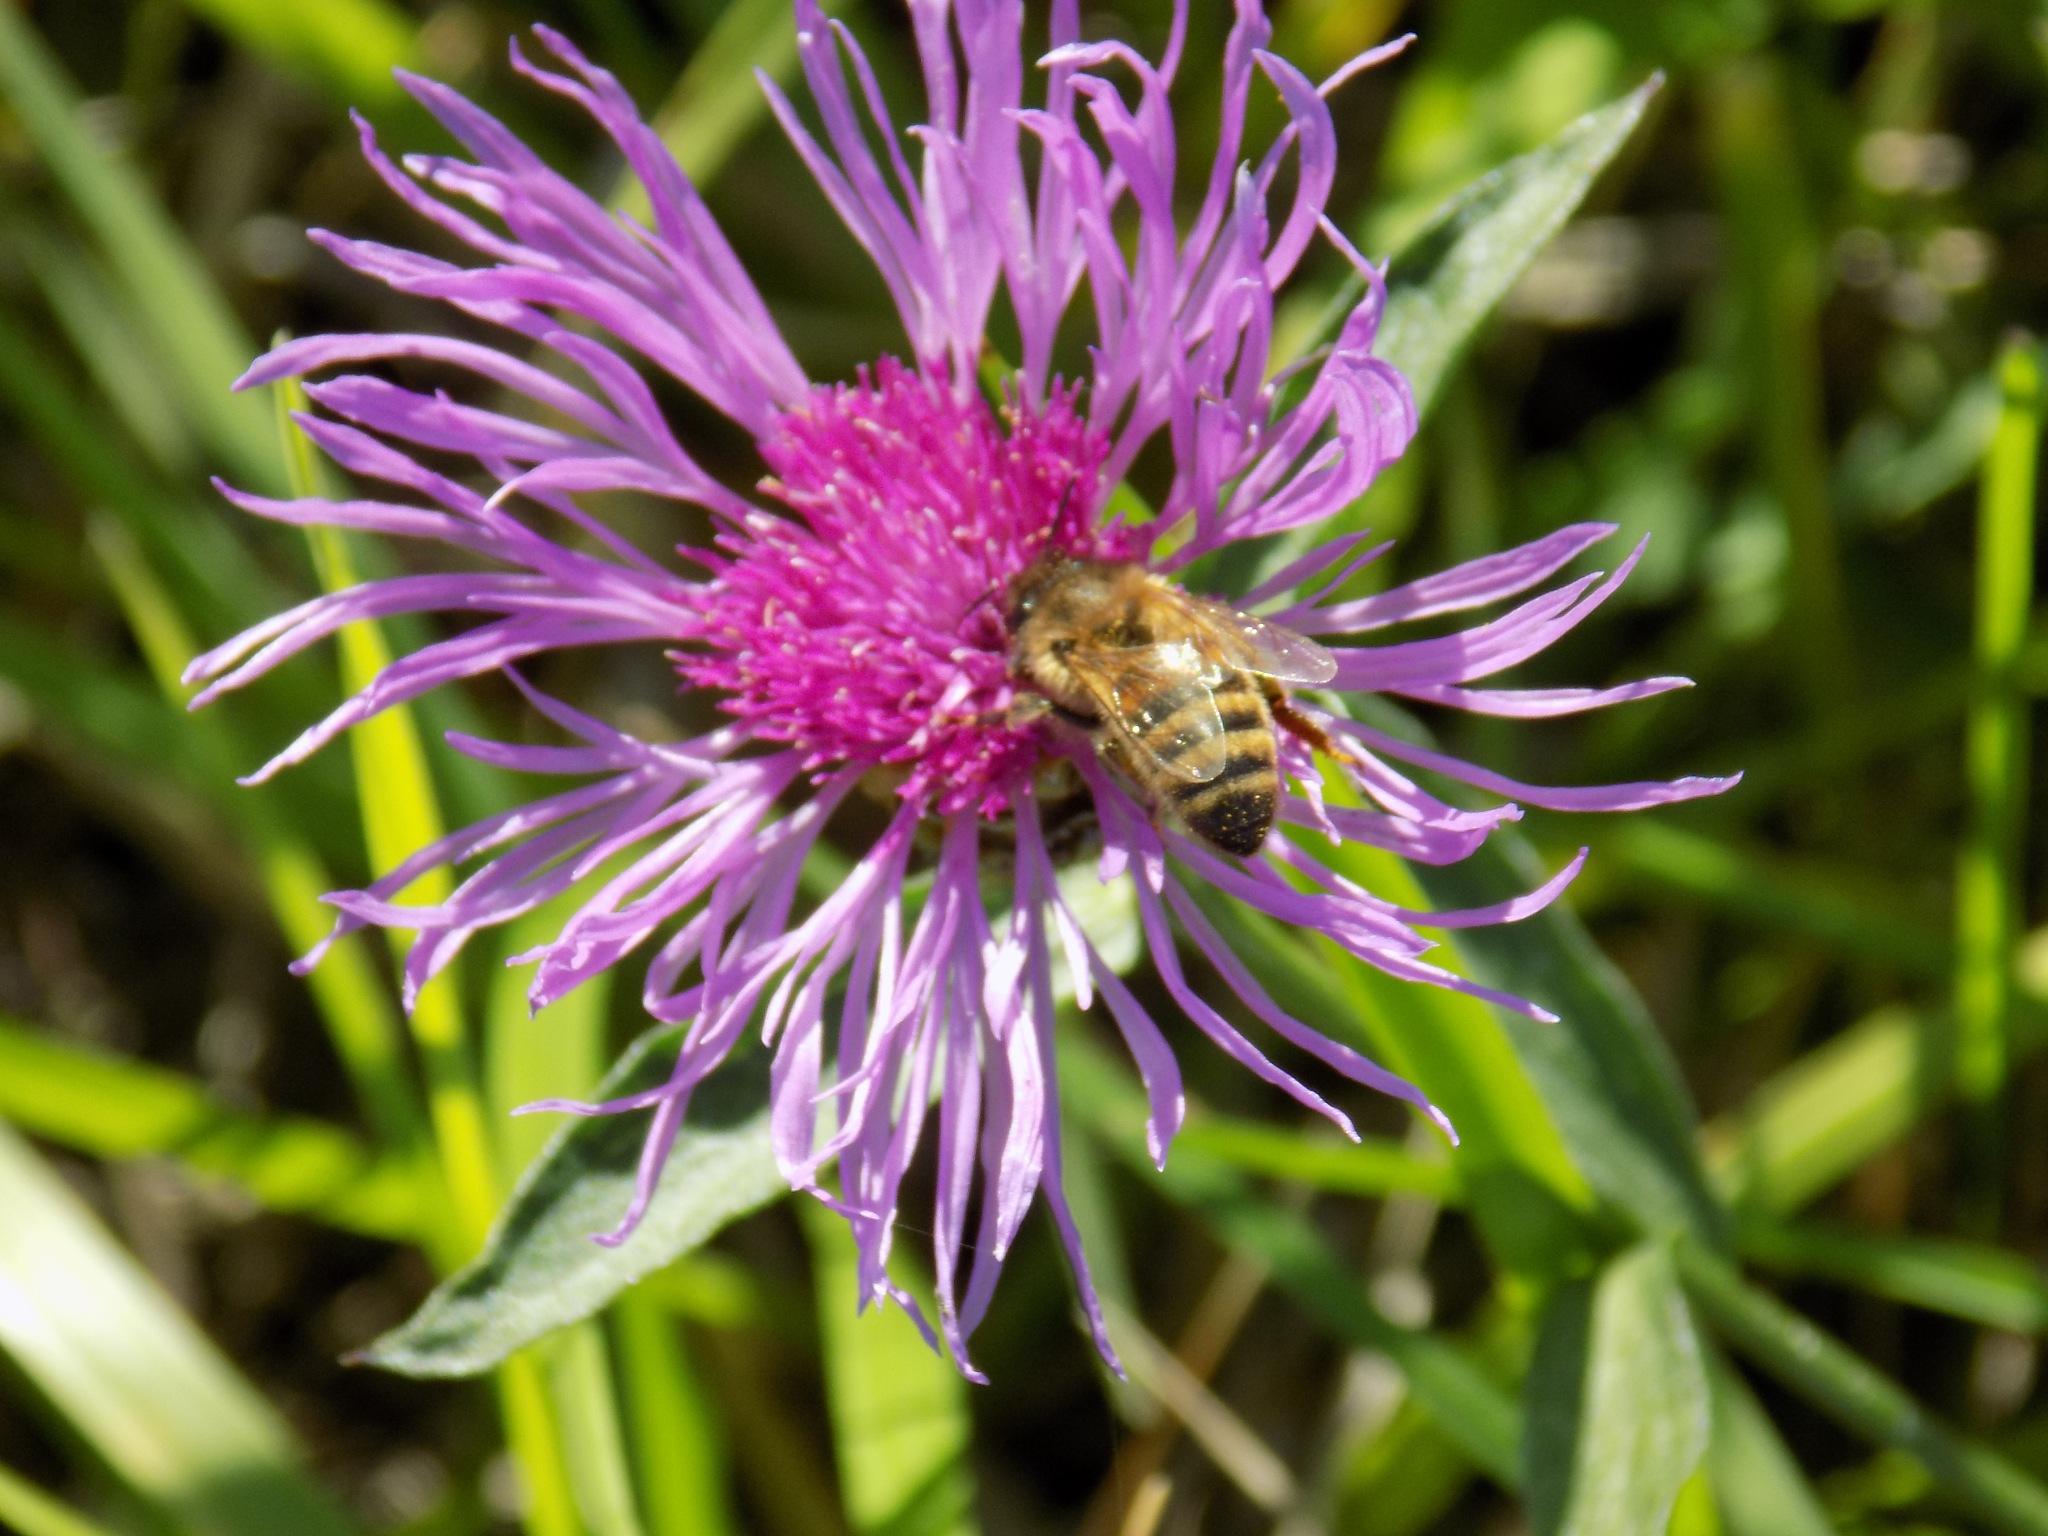 Flower with bee by uzkuraitiene62